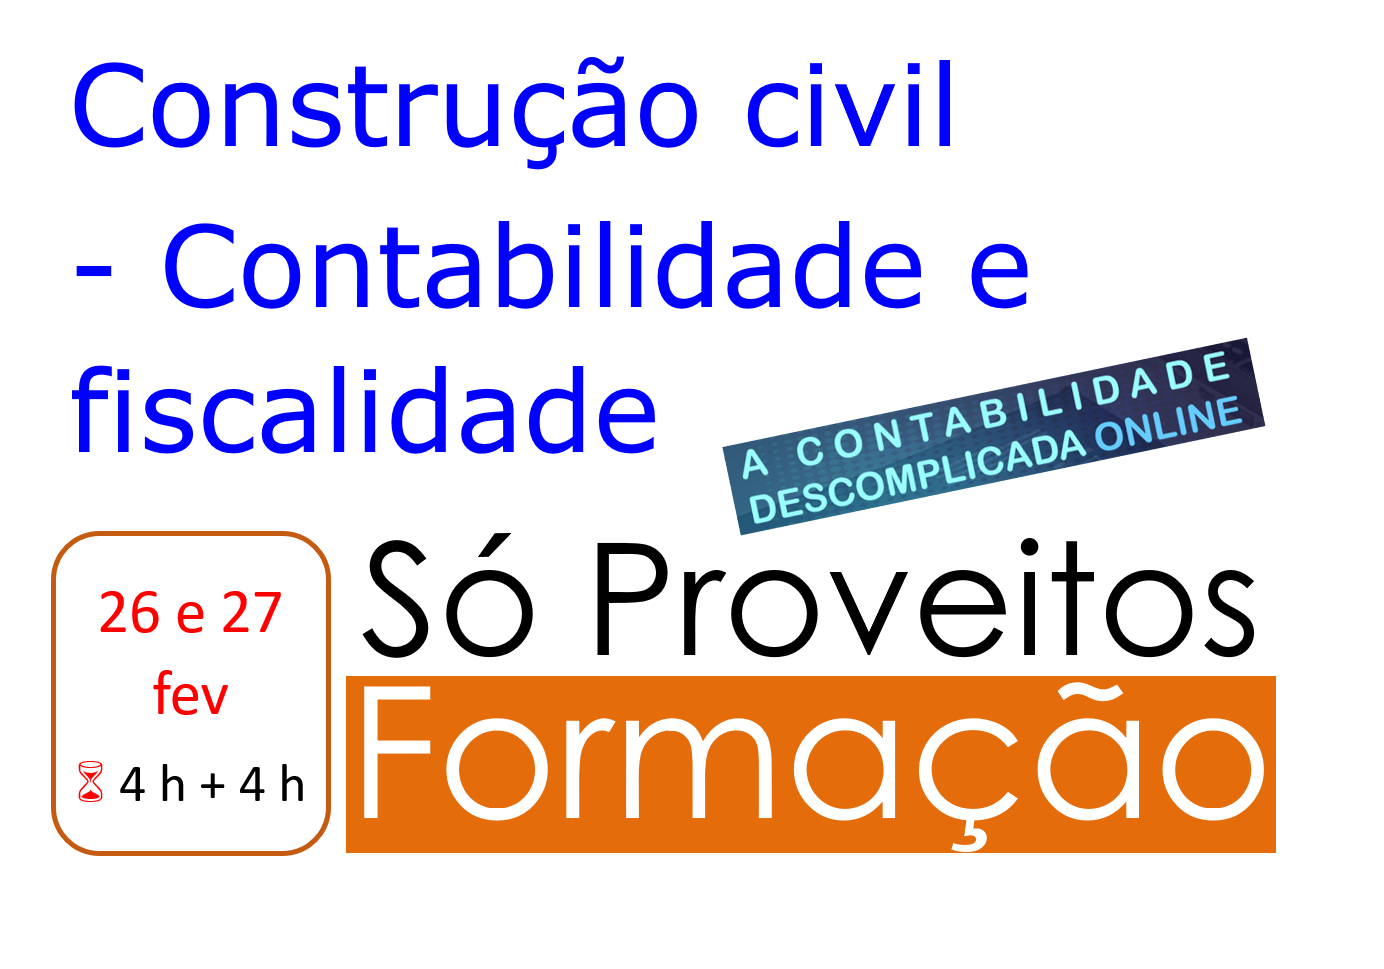 Construção civil - Contabilidade e fiscalidade - 26 e 27/fev